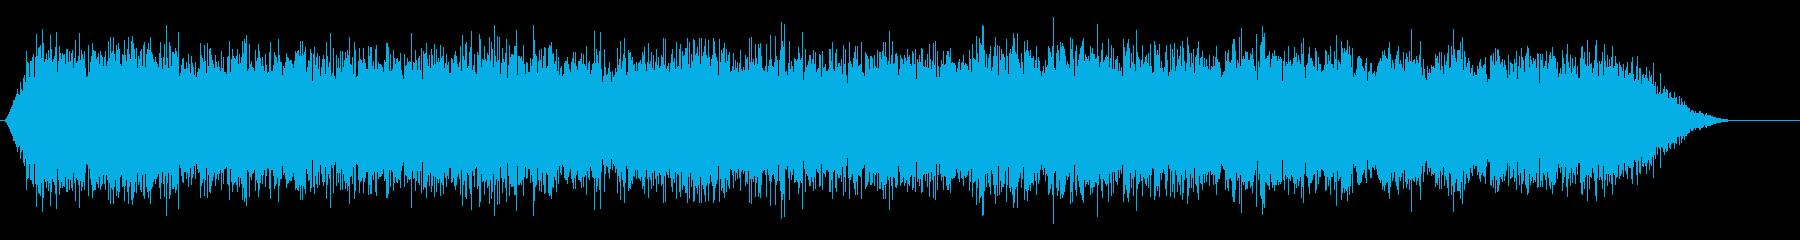 市場2 2の再生済みの波形